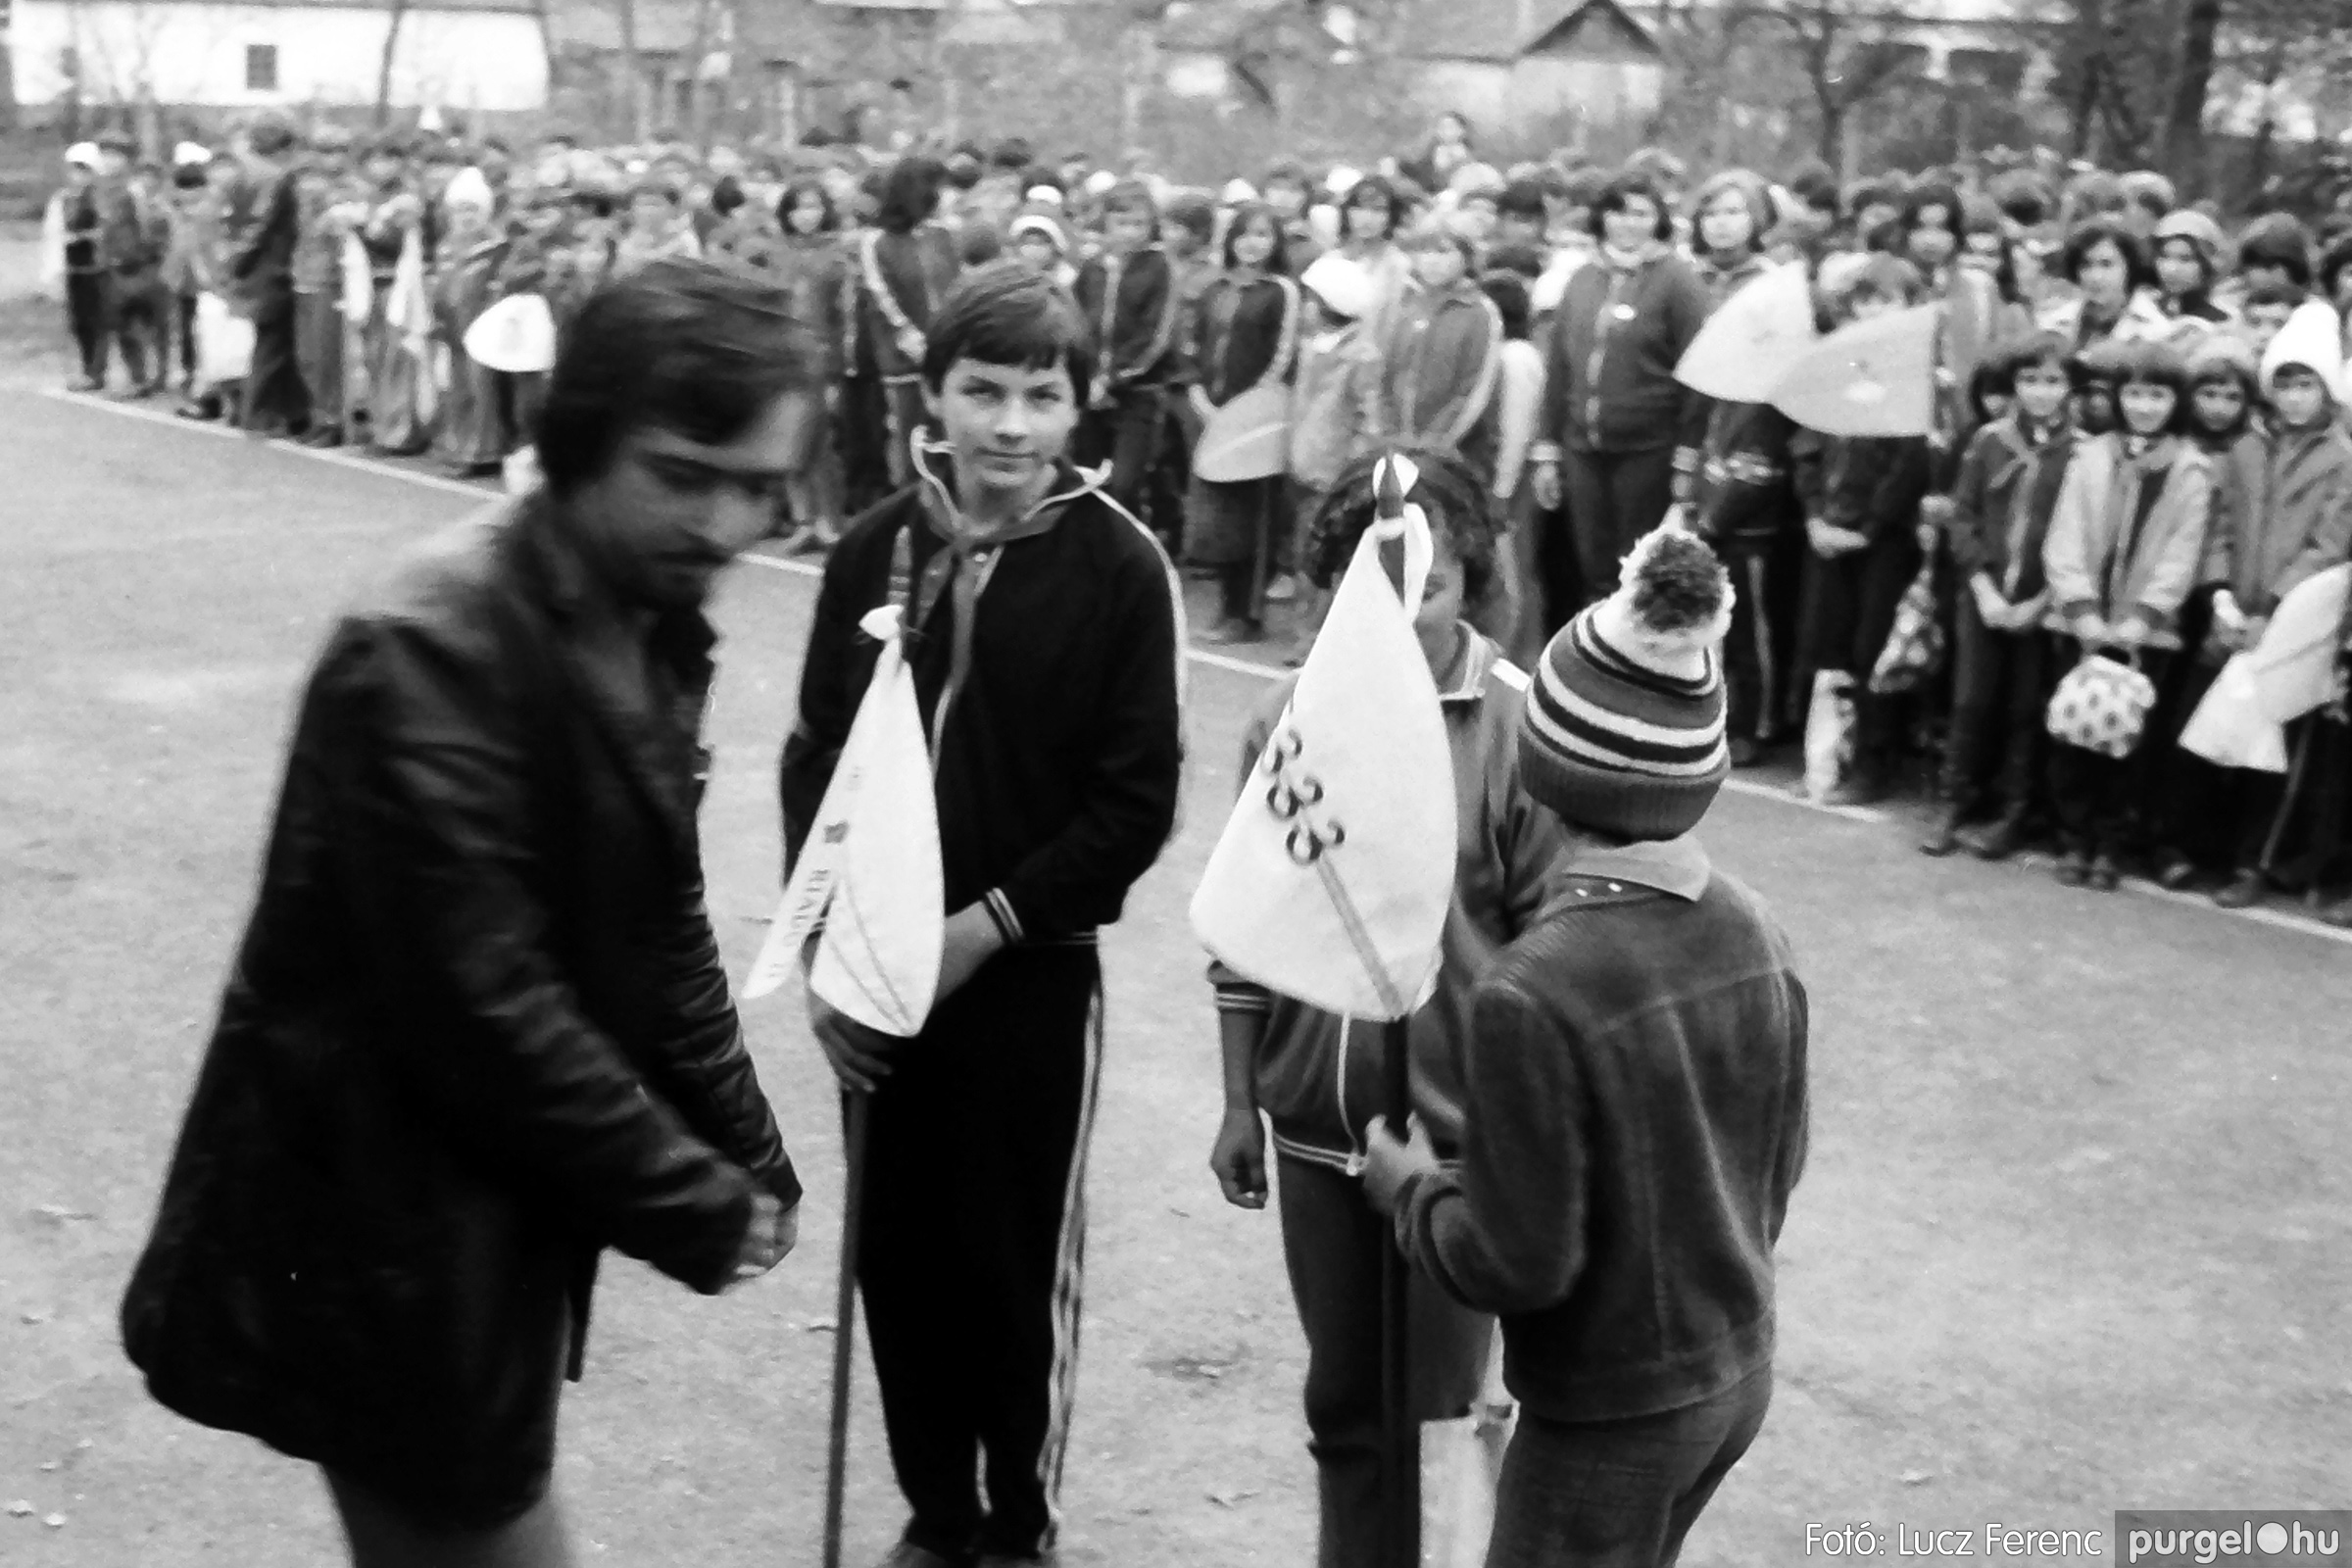 092. 1977. Úttörő rendezvény a Központi Általános Iskolában 024. - Fotó: Lucz Ferenc.jpg